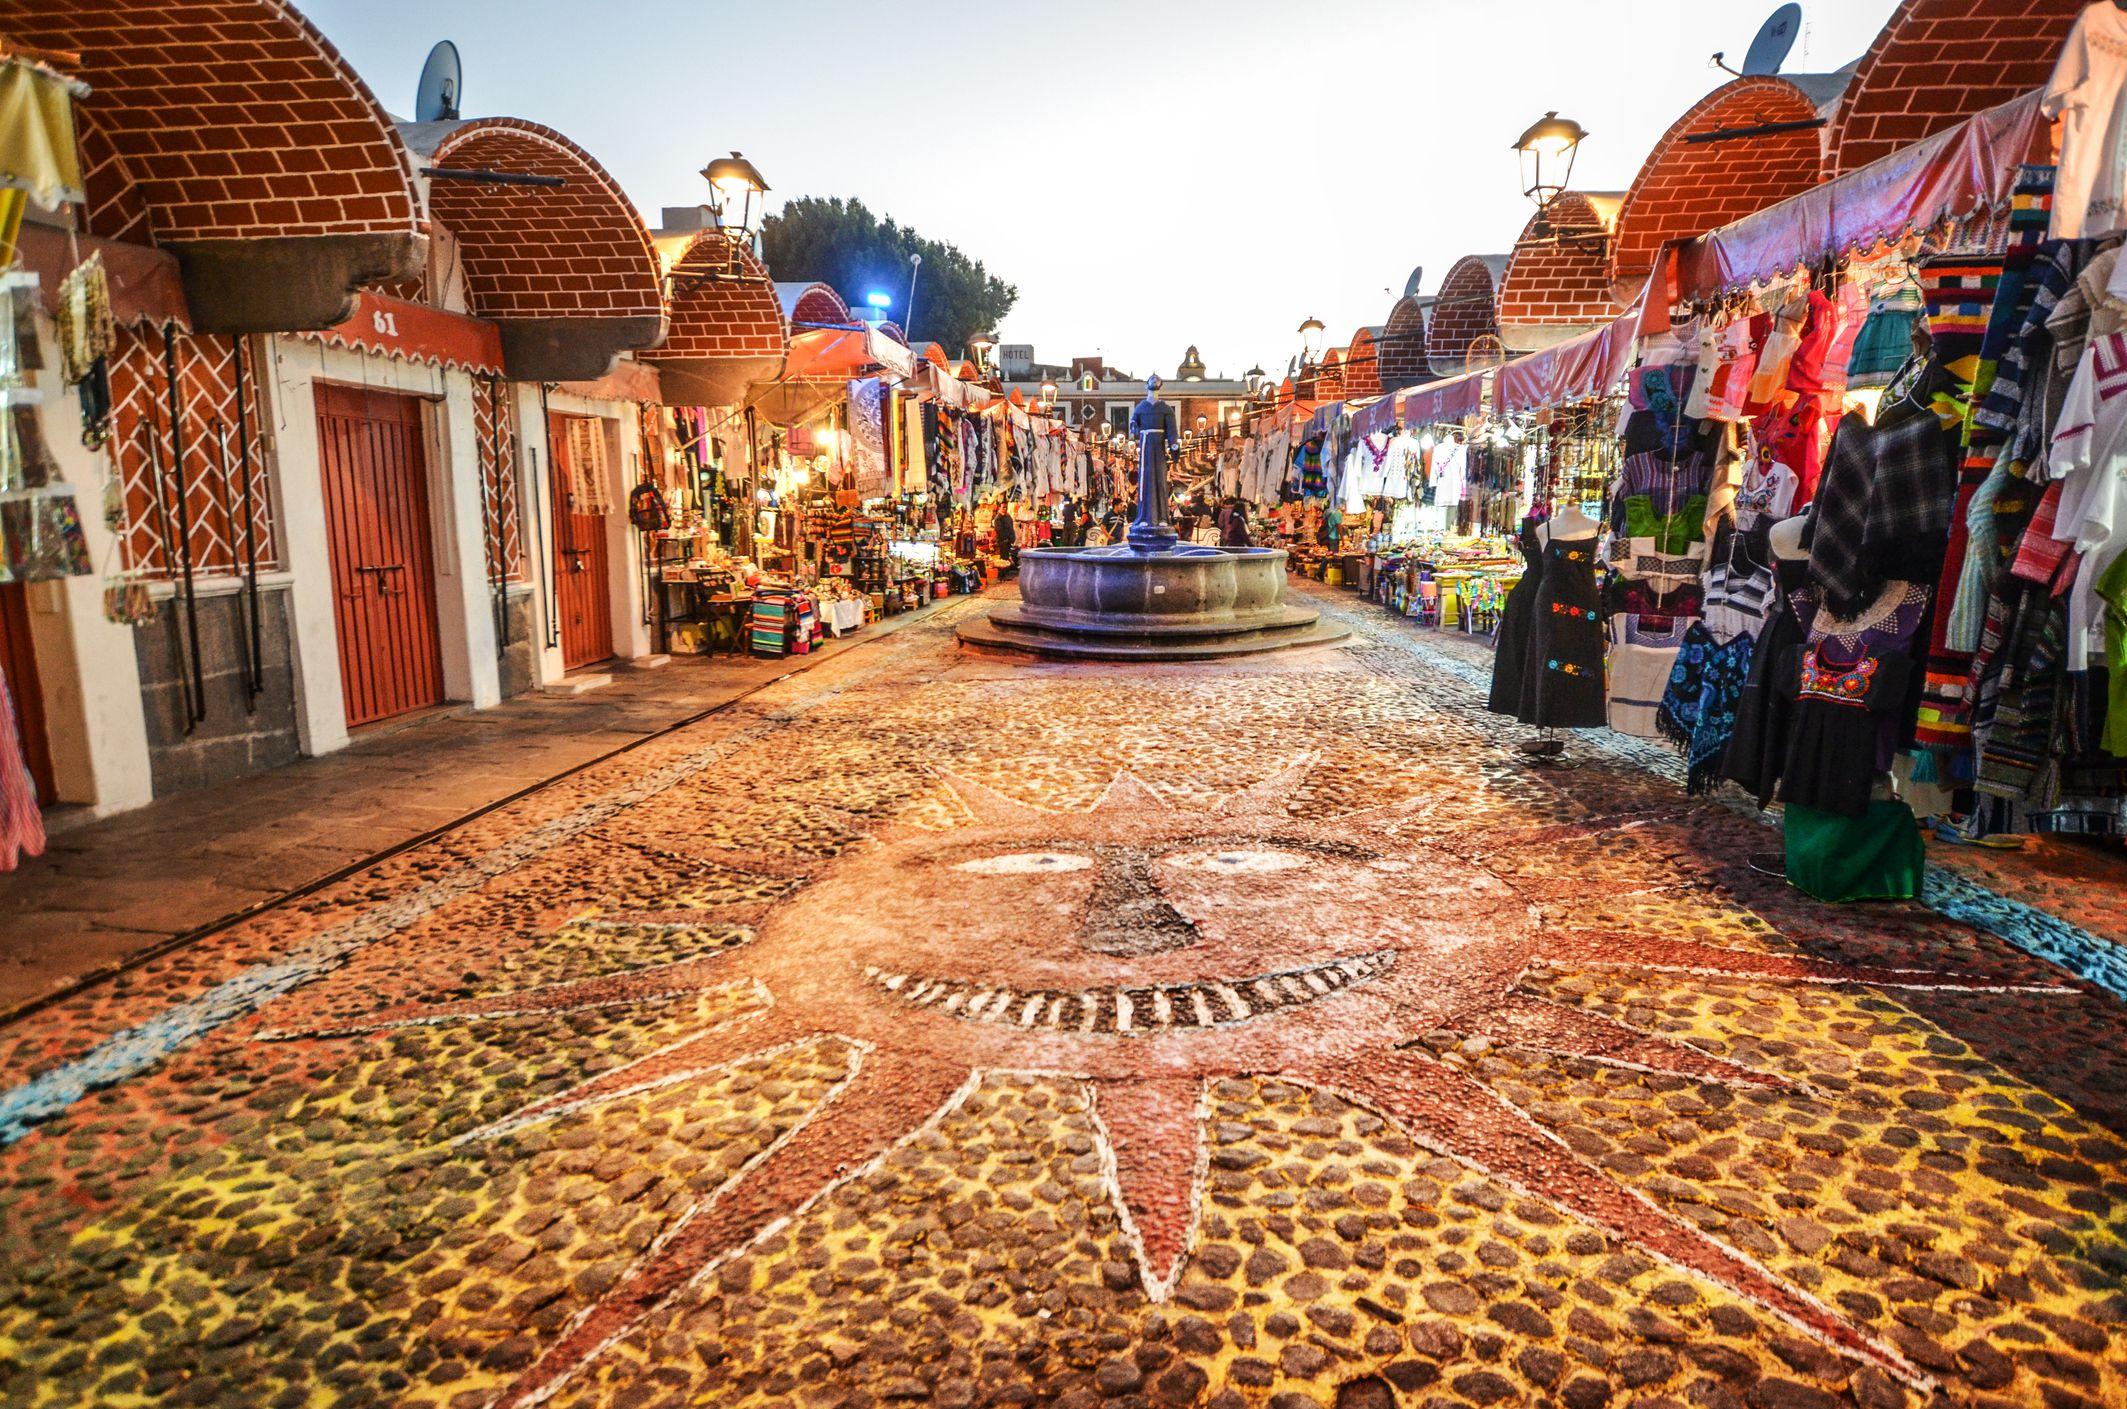 Crafts fair in the city of Puebla, Mexico